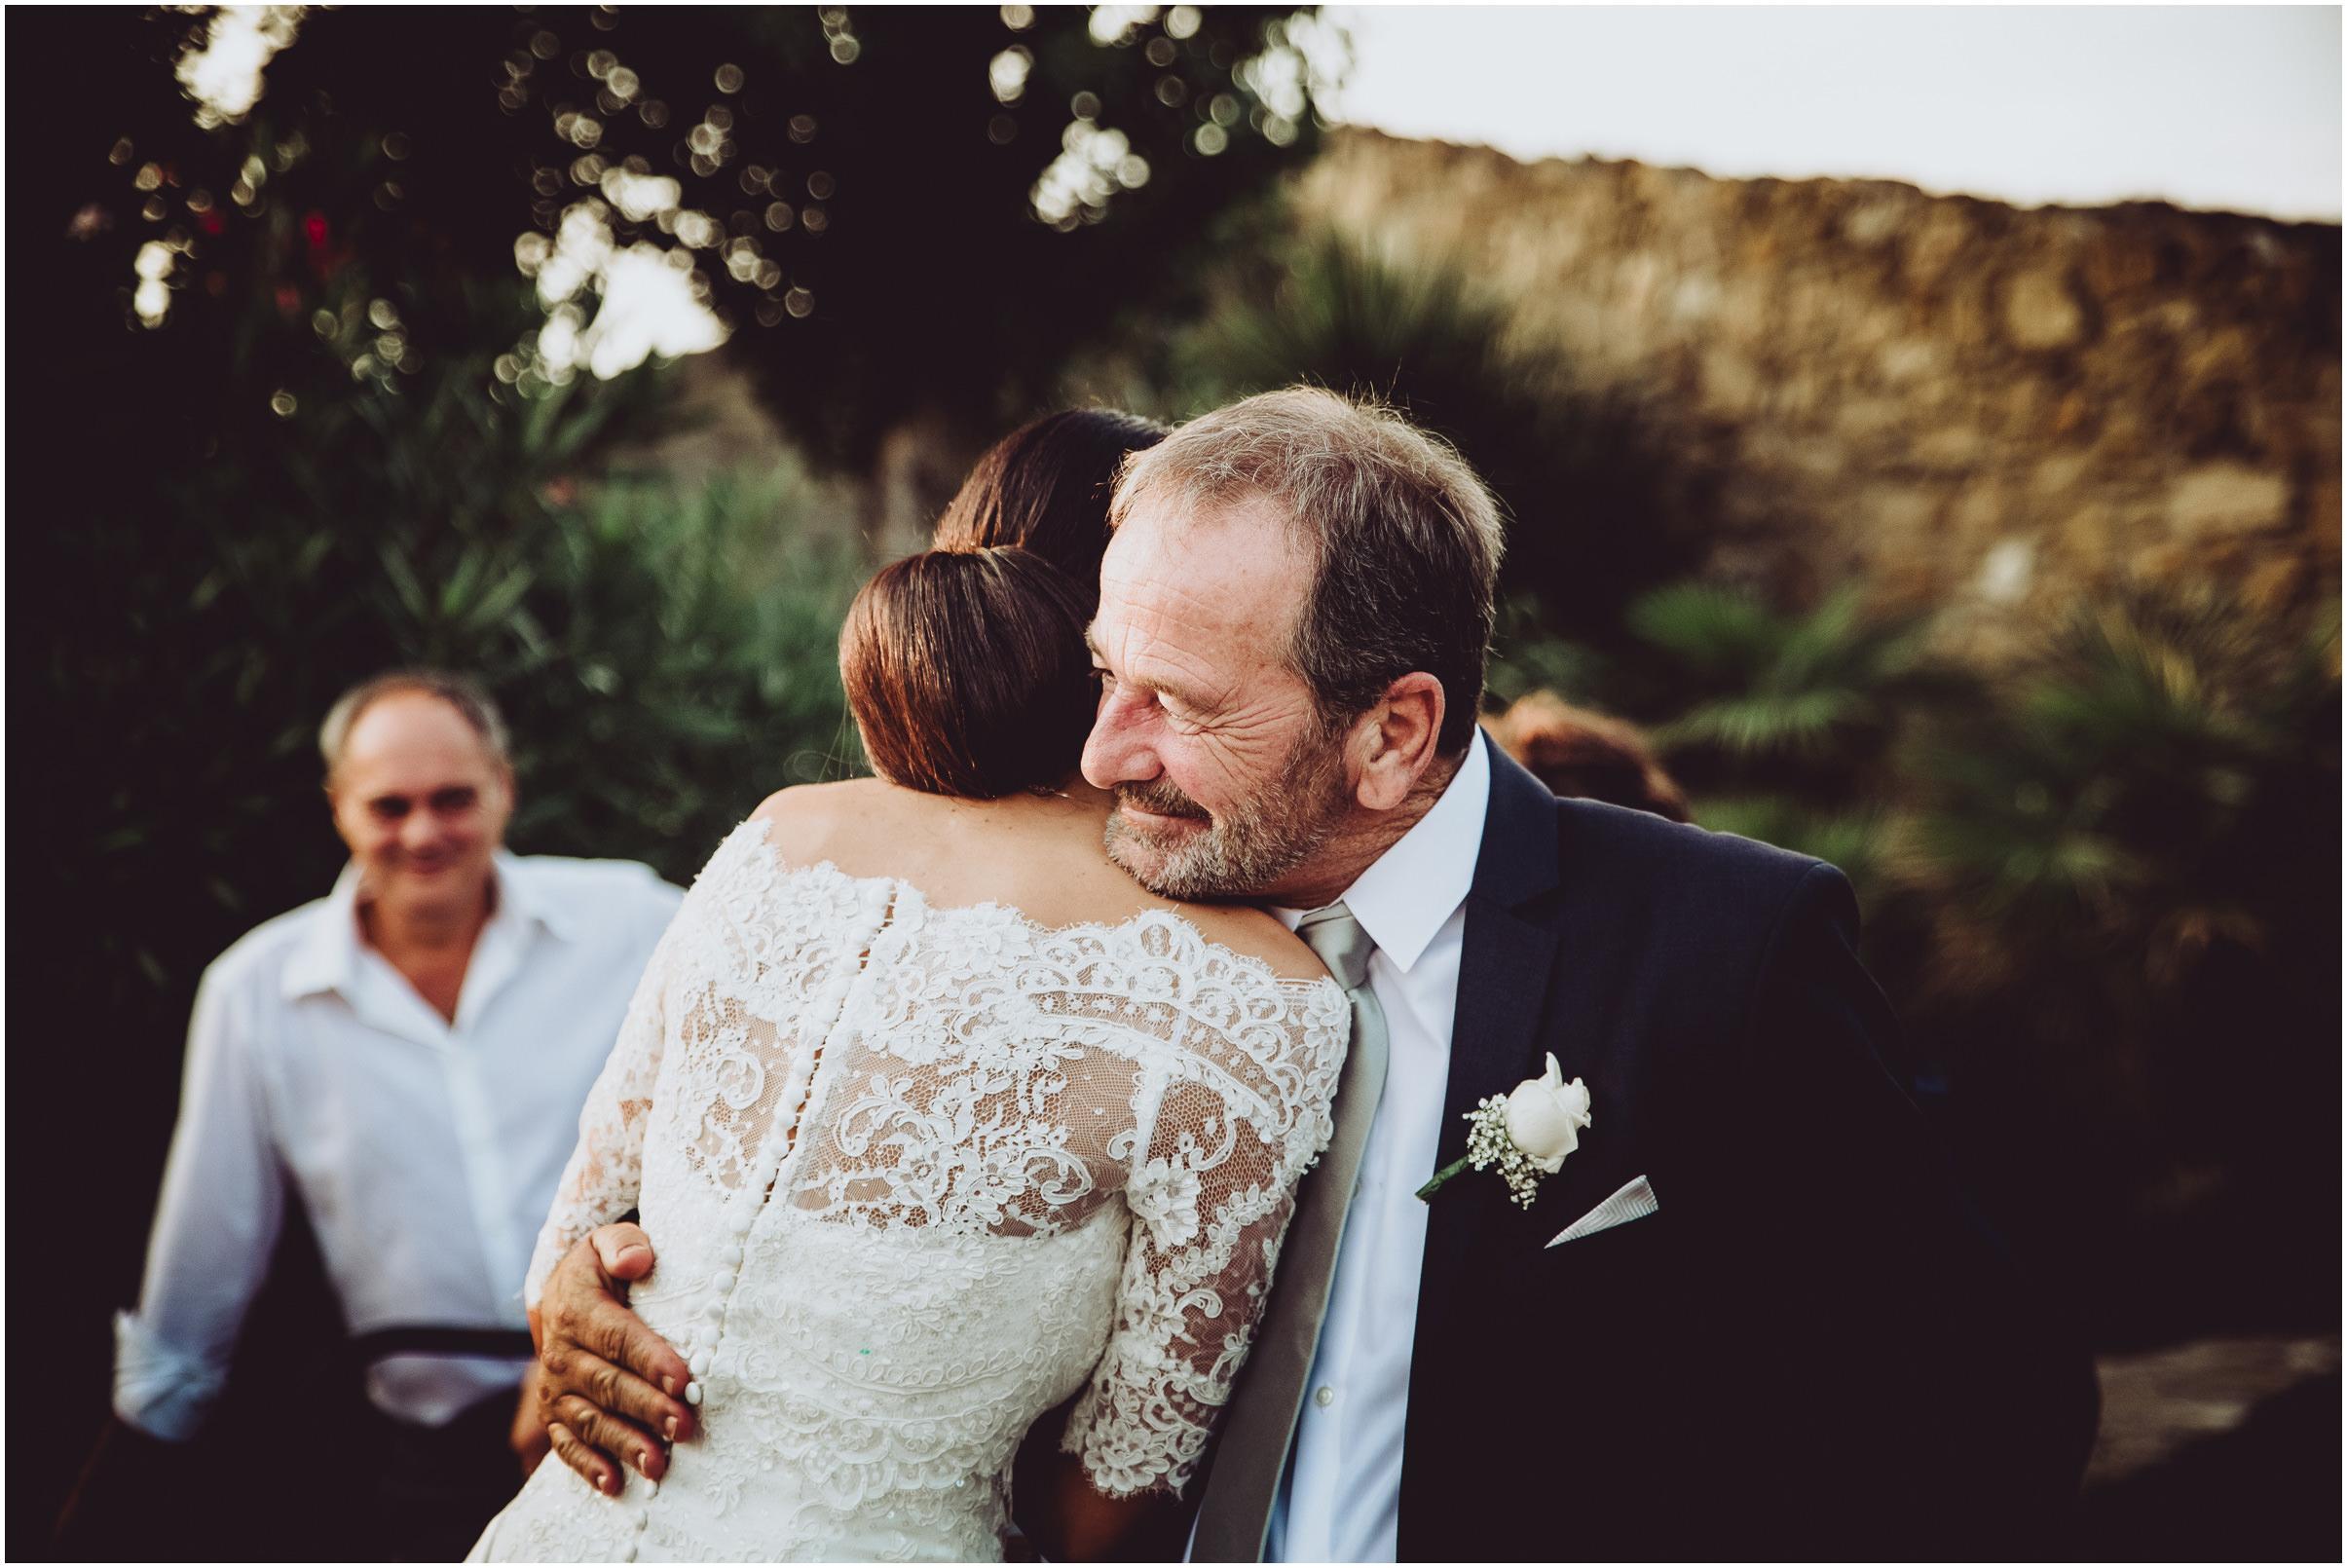 WEDDING-PHOTOGRAPHY-SARA-LORENZONI-FOTOGRAFIA-MATRIMONIO-AREZZO-TUSCANY-EVENTO-LE-SPOSE-DI-GIANNI-ELISA-LUCA049